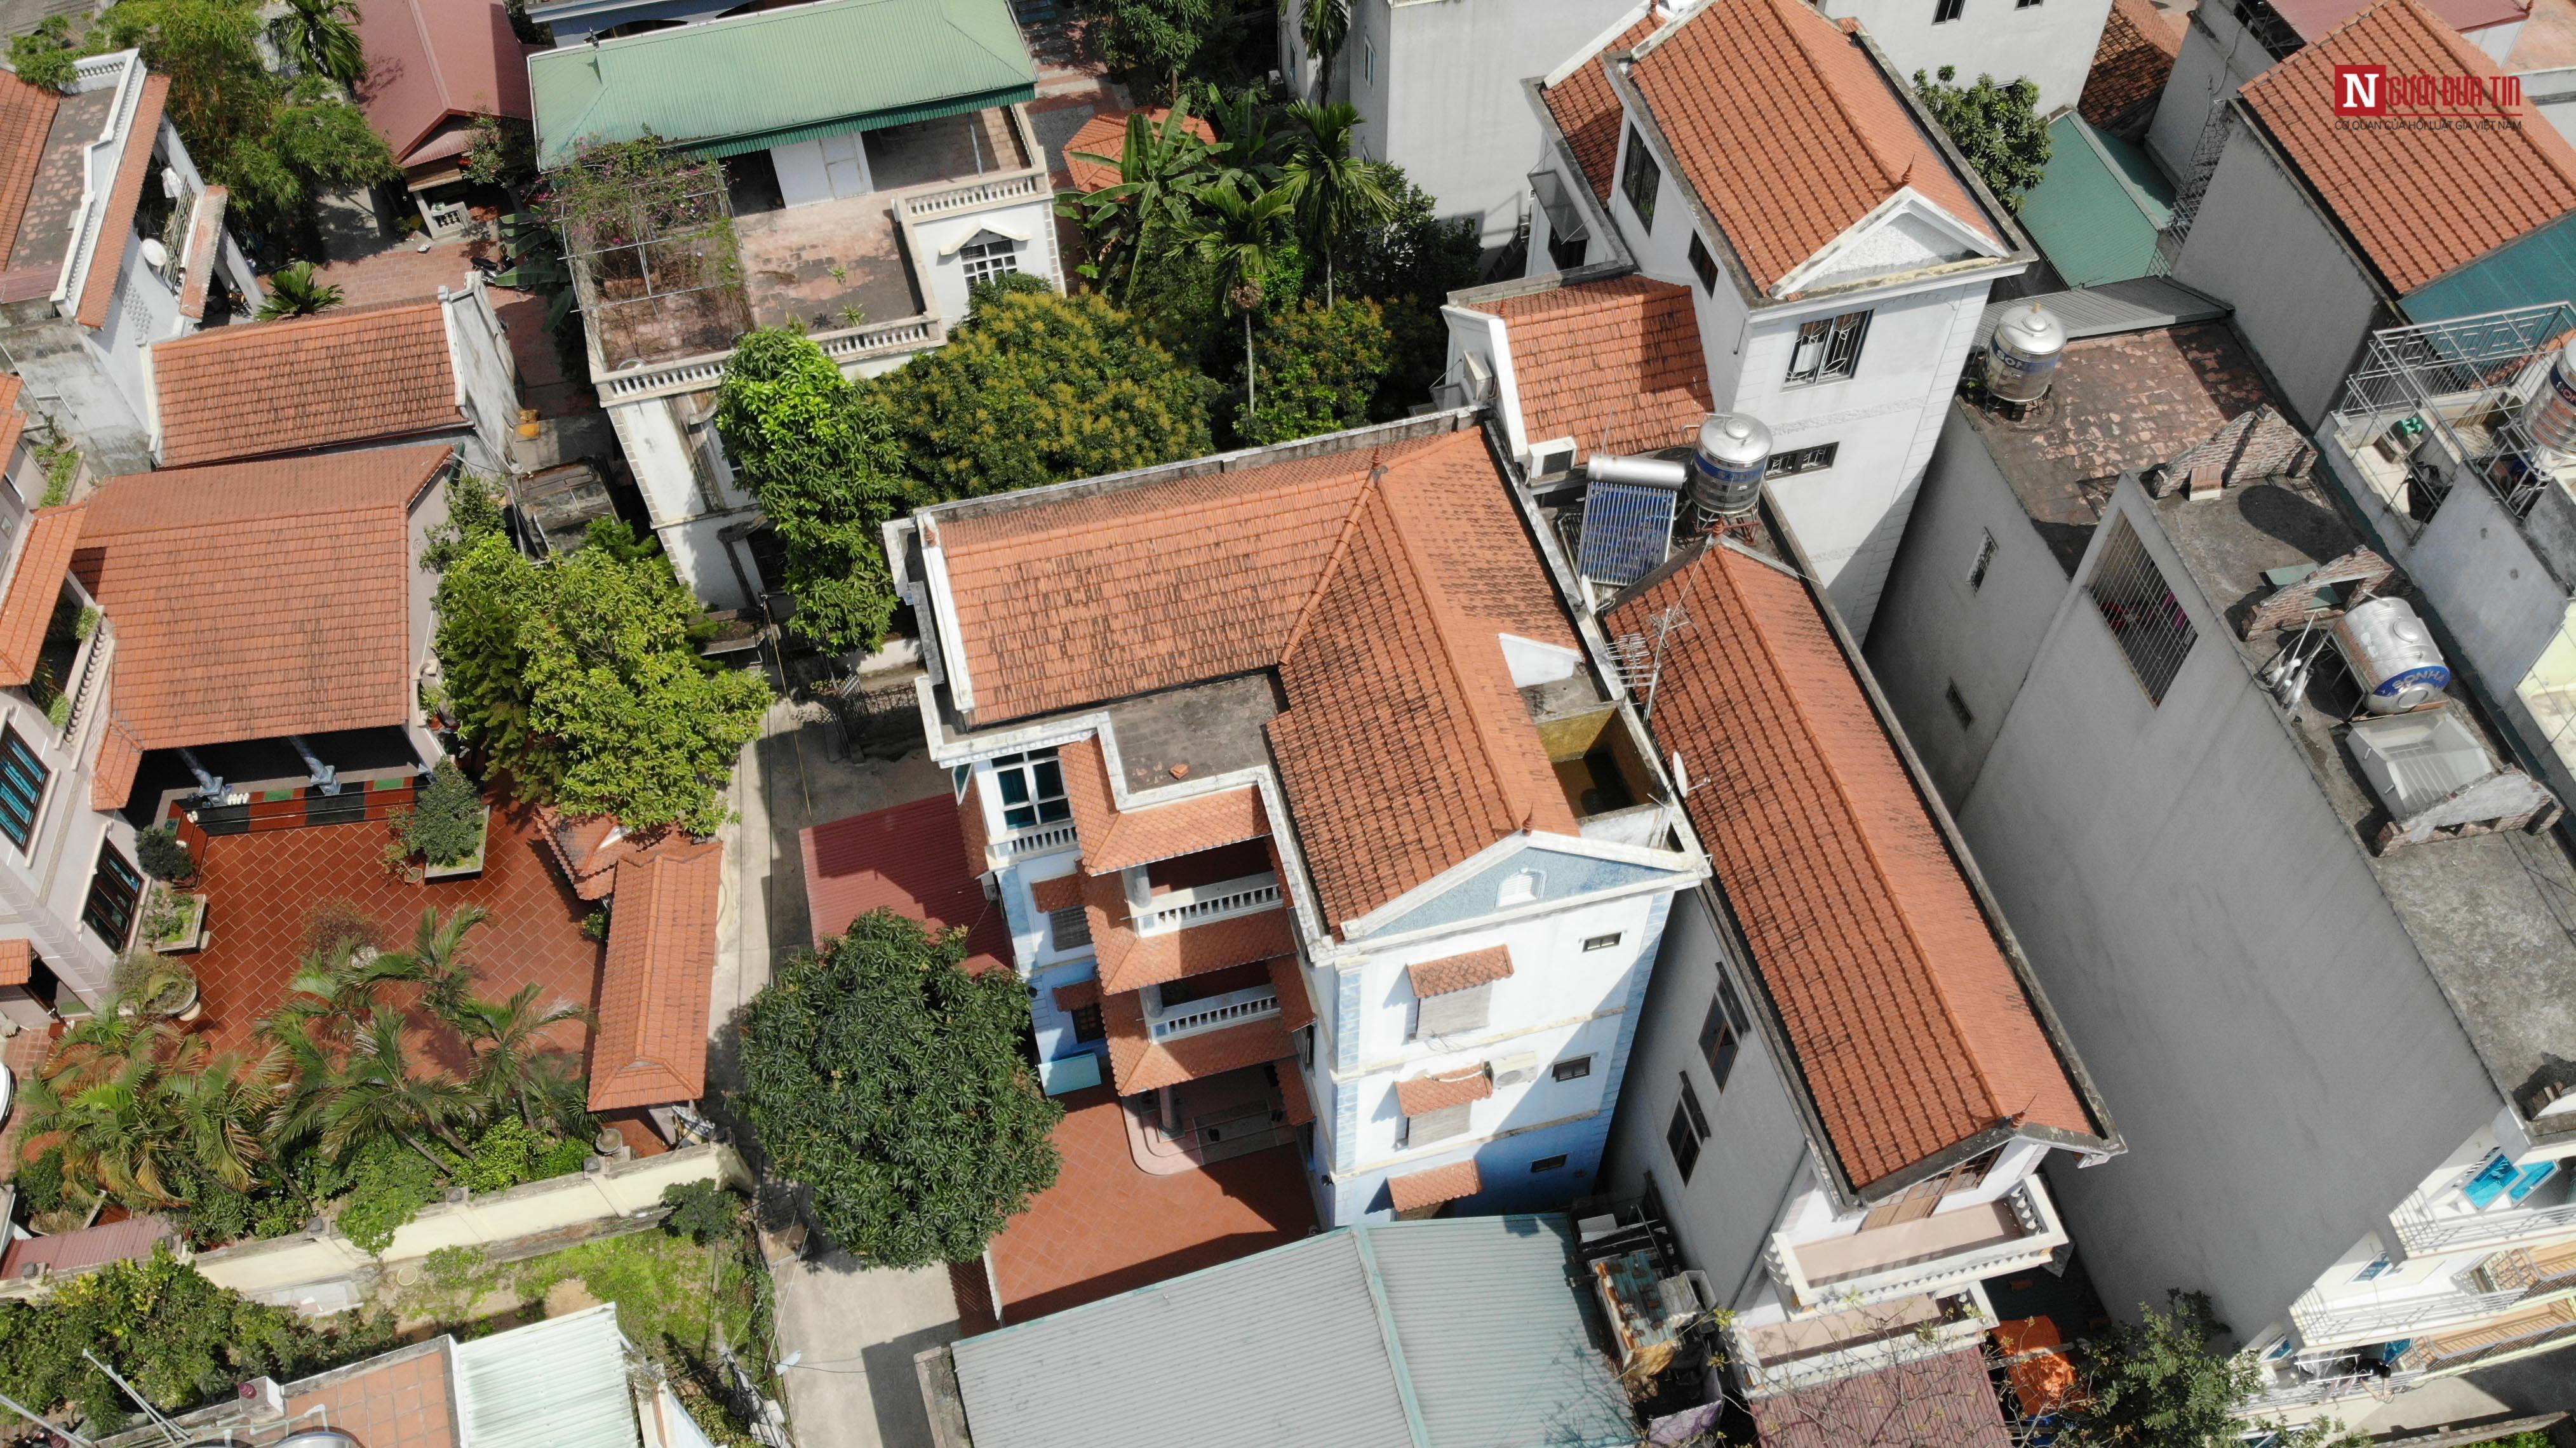 Bất ngờ với trụ sở doanh nghiệp có vốn điều lệ 144.000 tỷ đồng, lớn bậc nhất Việt Nam-5